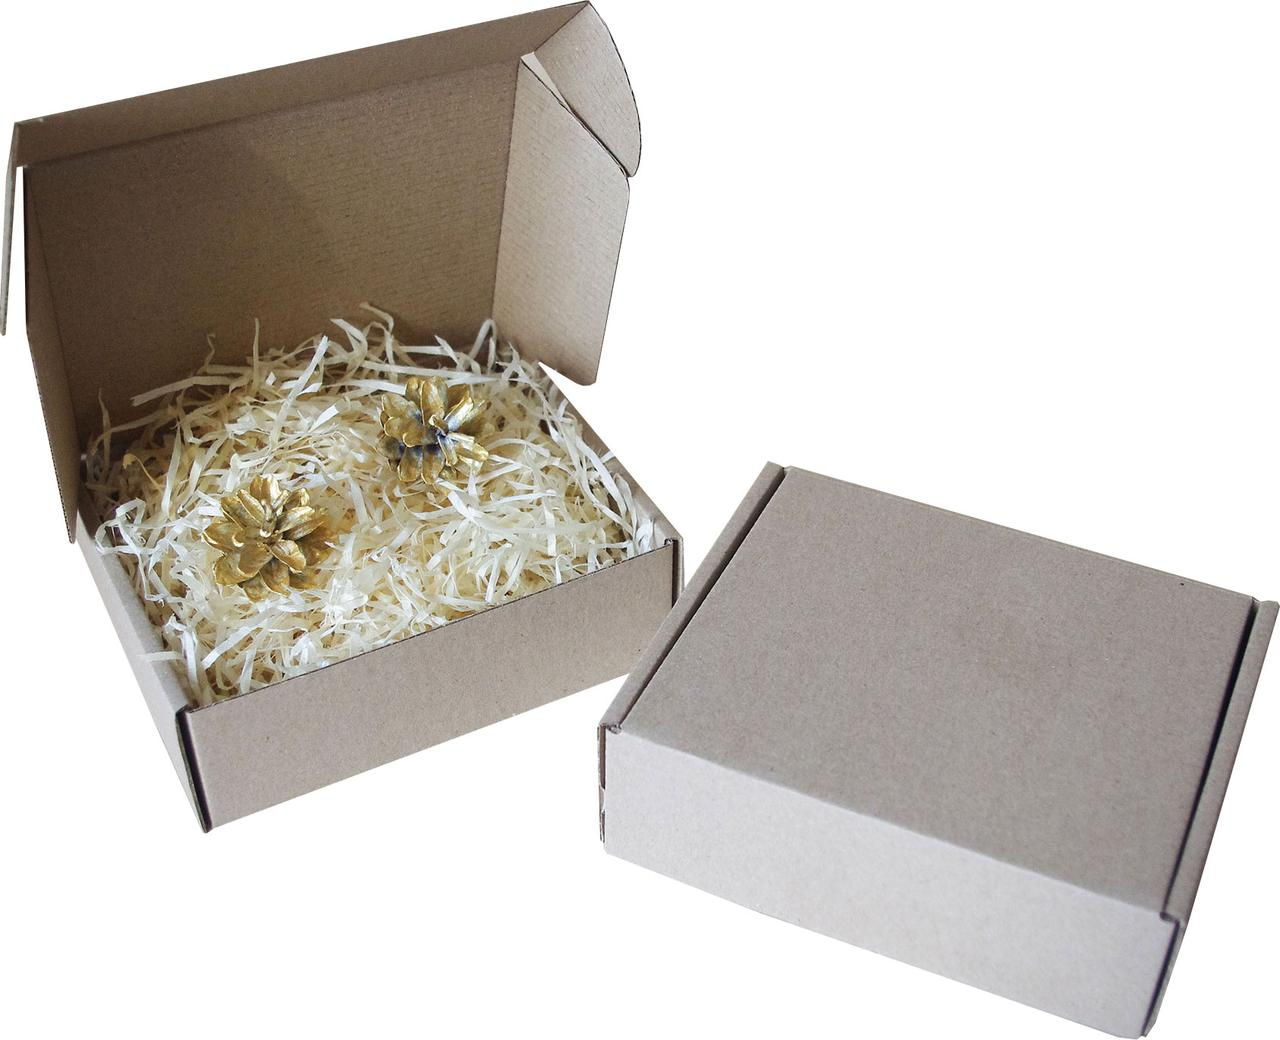 Подарочная коробочка с сеном большая, Ш155хД130хВ50мм